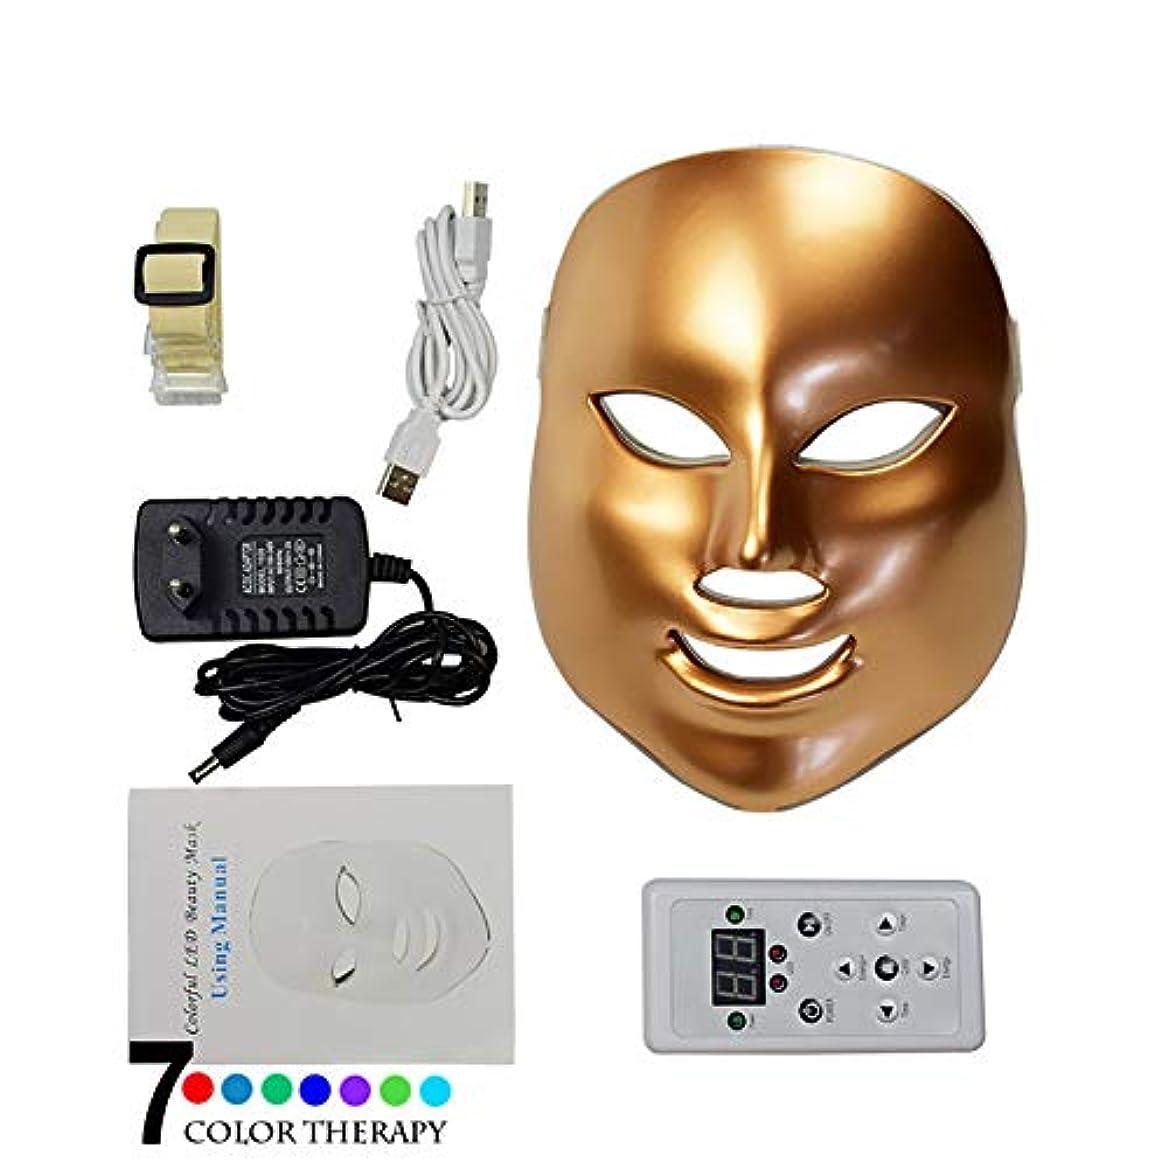 パノラマ絡まる耐久7色LEDフェイスマスク、7色LEDスキン光線療法器具、健康的な肌の若返りのためのレッドライトセラピー、アンチエイジング、しわ、瘢痕化,Gold